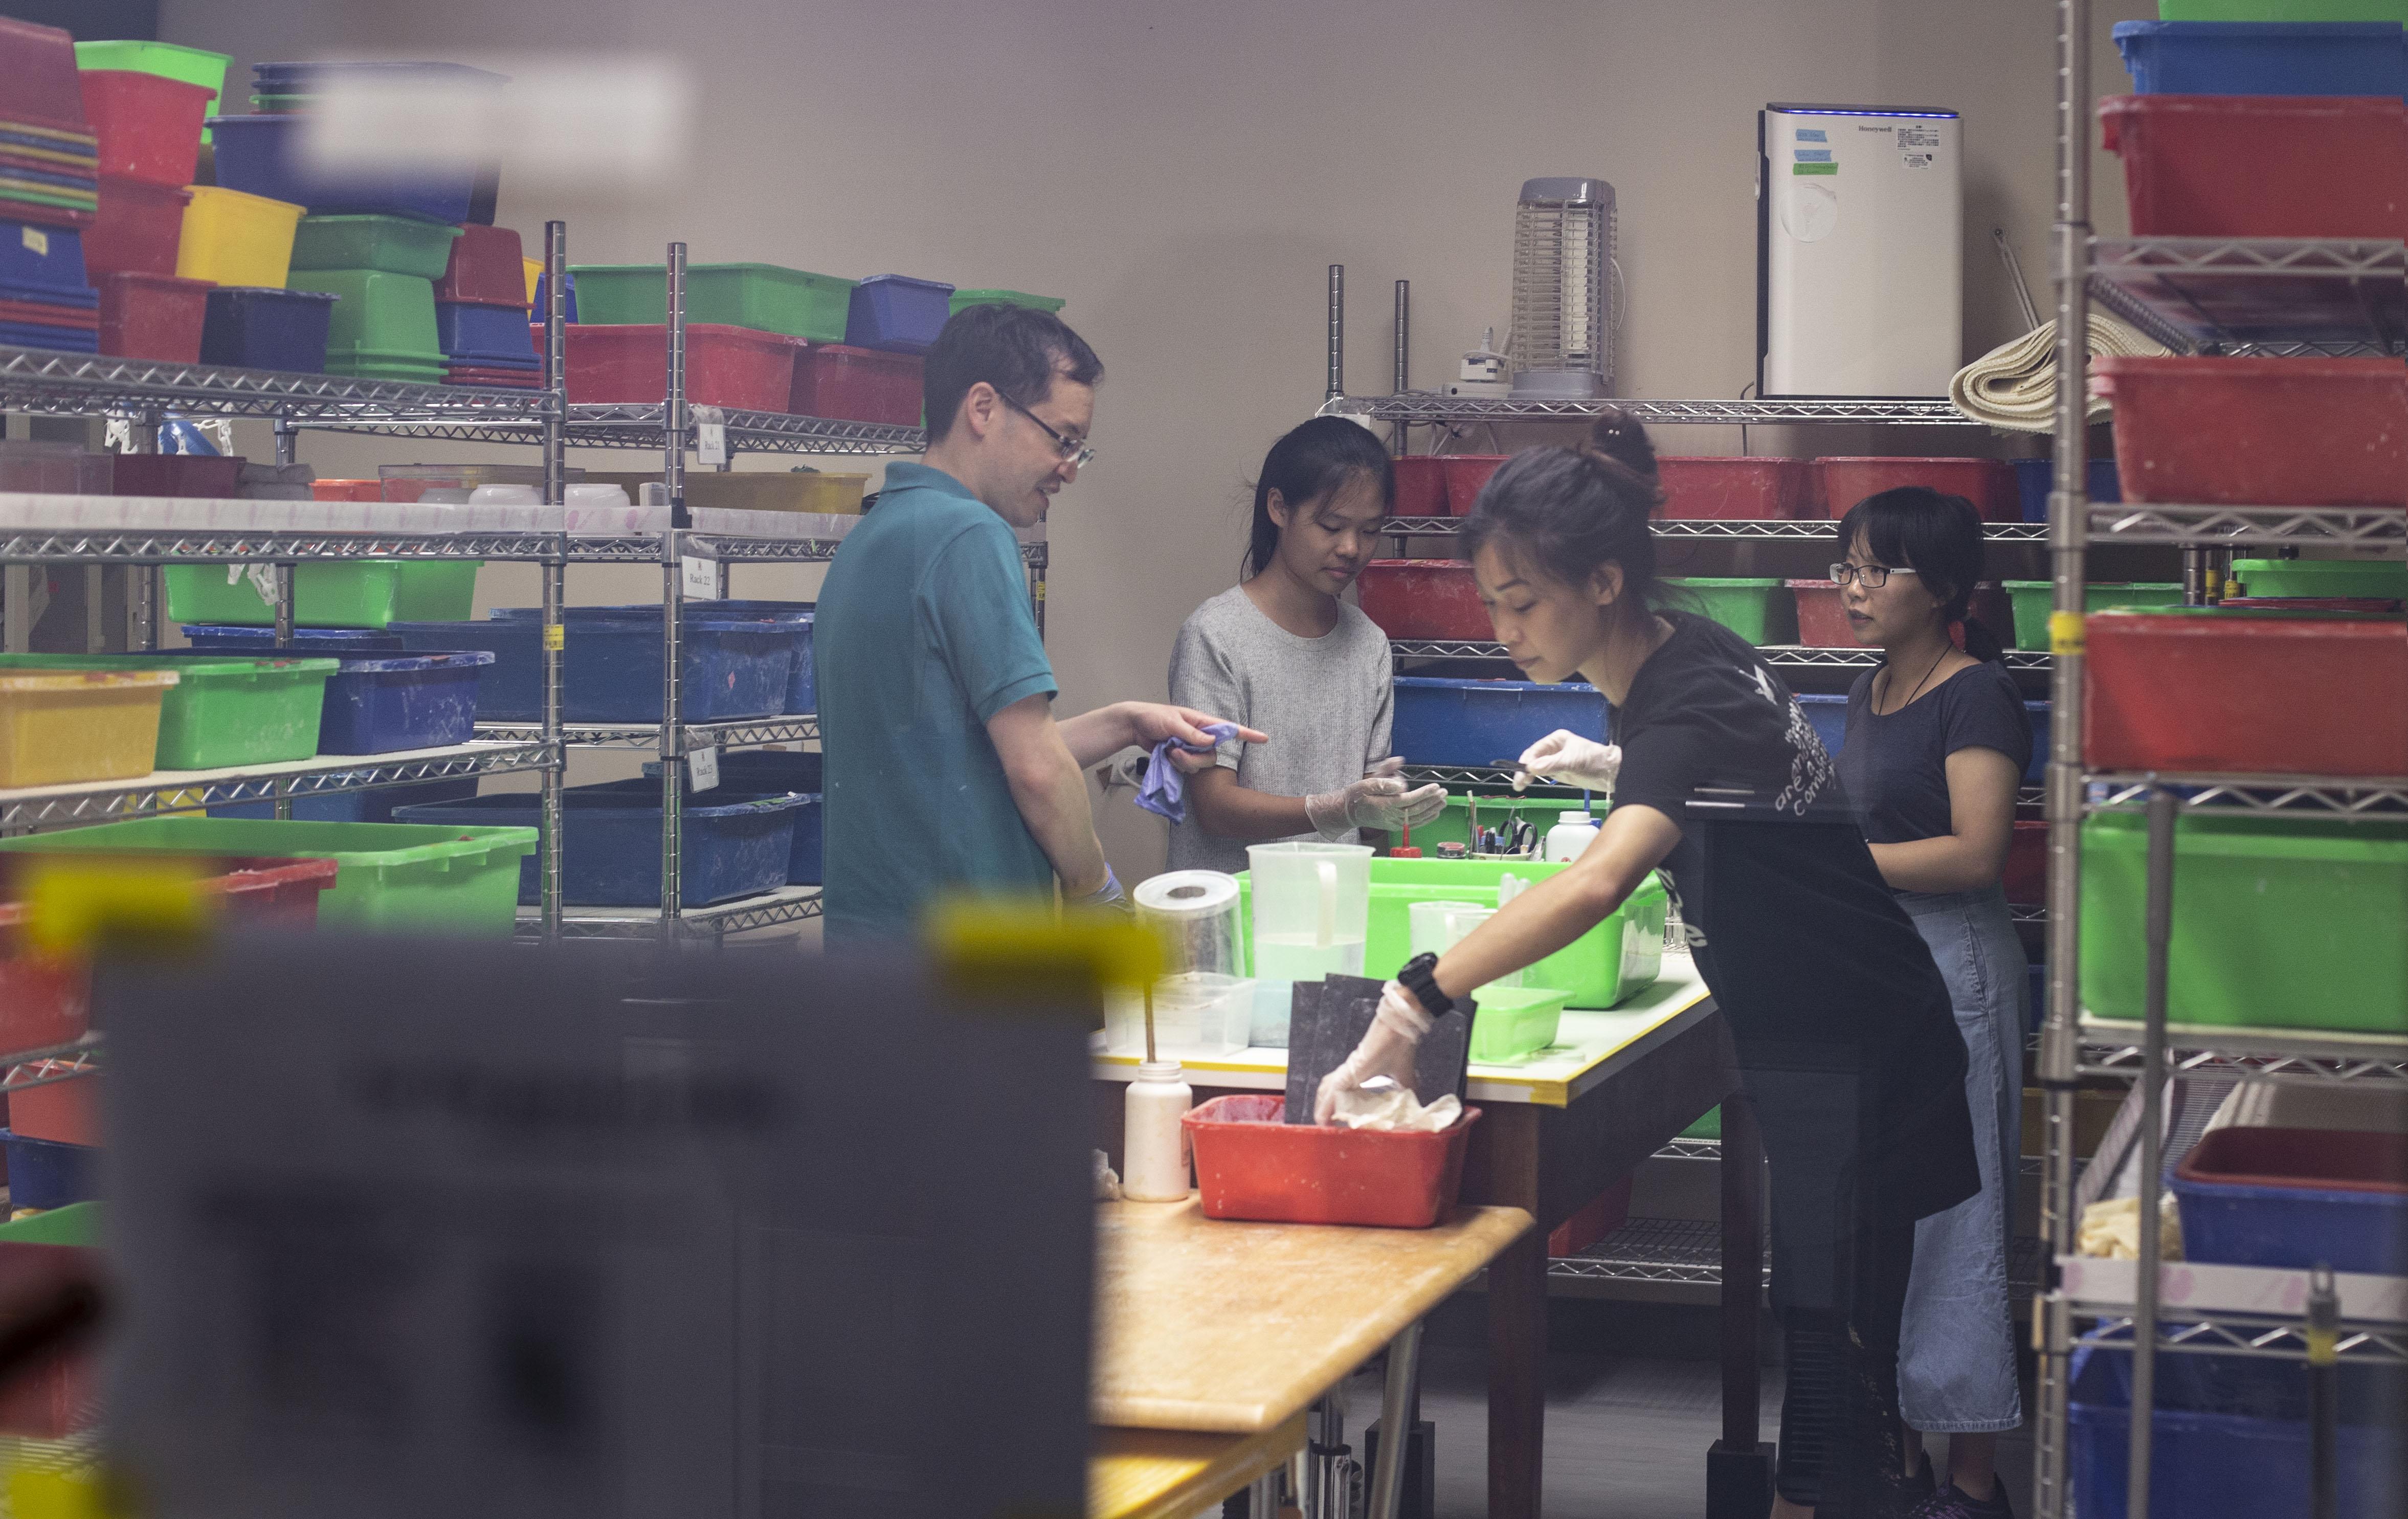 中研院的神秘螞蟻房。2010 年,演化遺傳學家王忠信從國外回到台灣中研院,研究入侵紅火蟻的超級基因。為了近距離觀察紅火蟻,他向中研院申請設立這間院區內最特別的螞蟻房。圖│研之有物